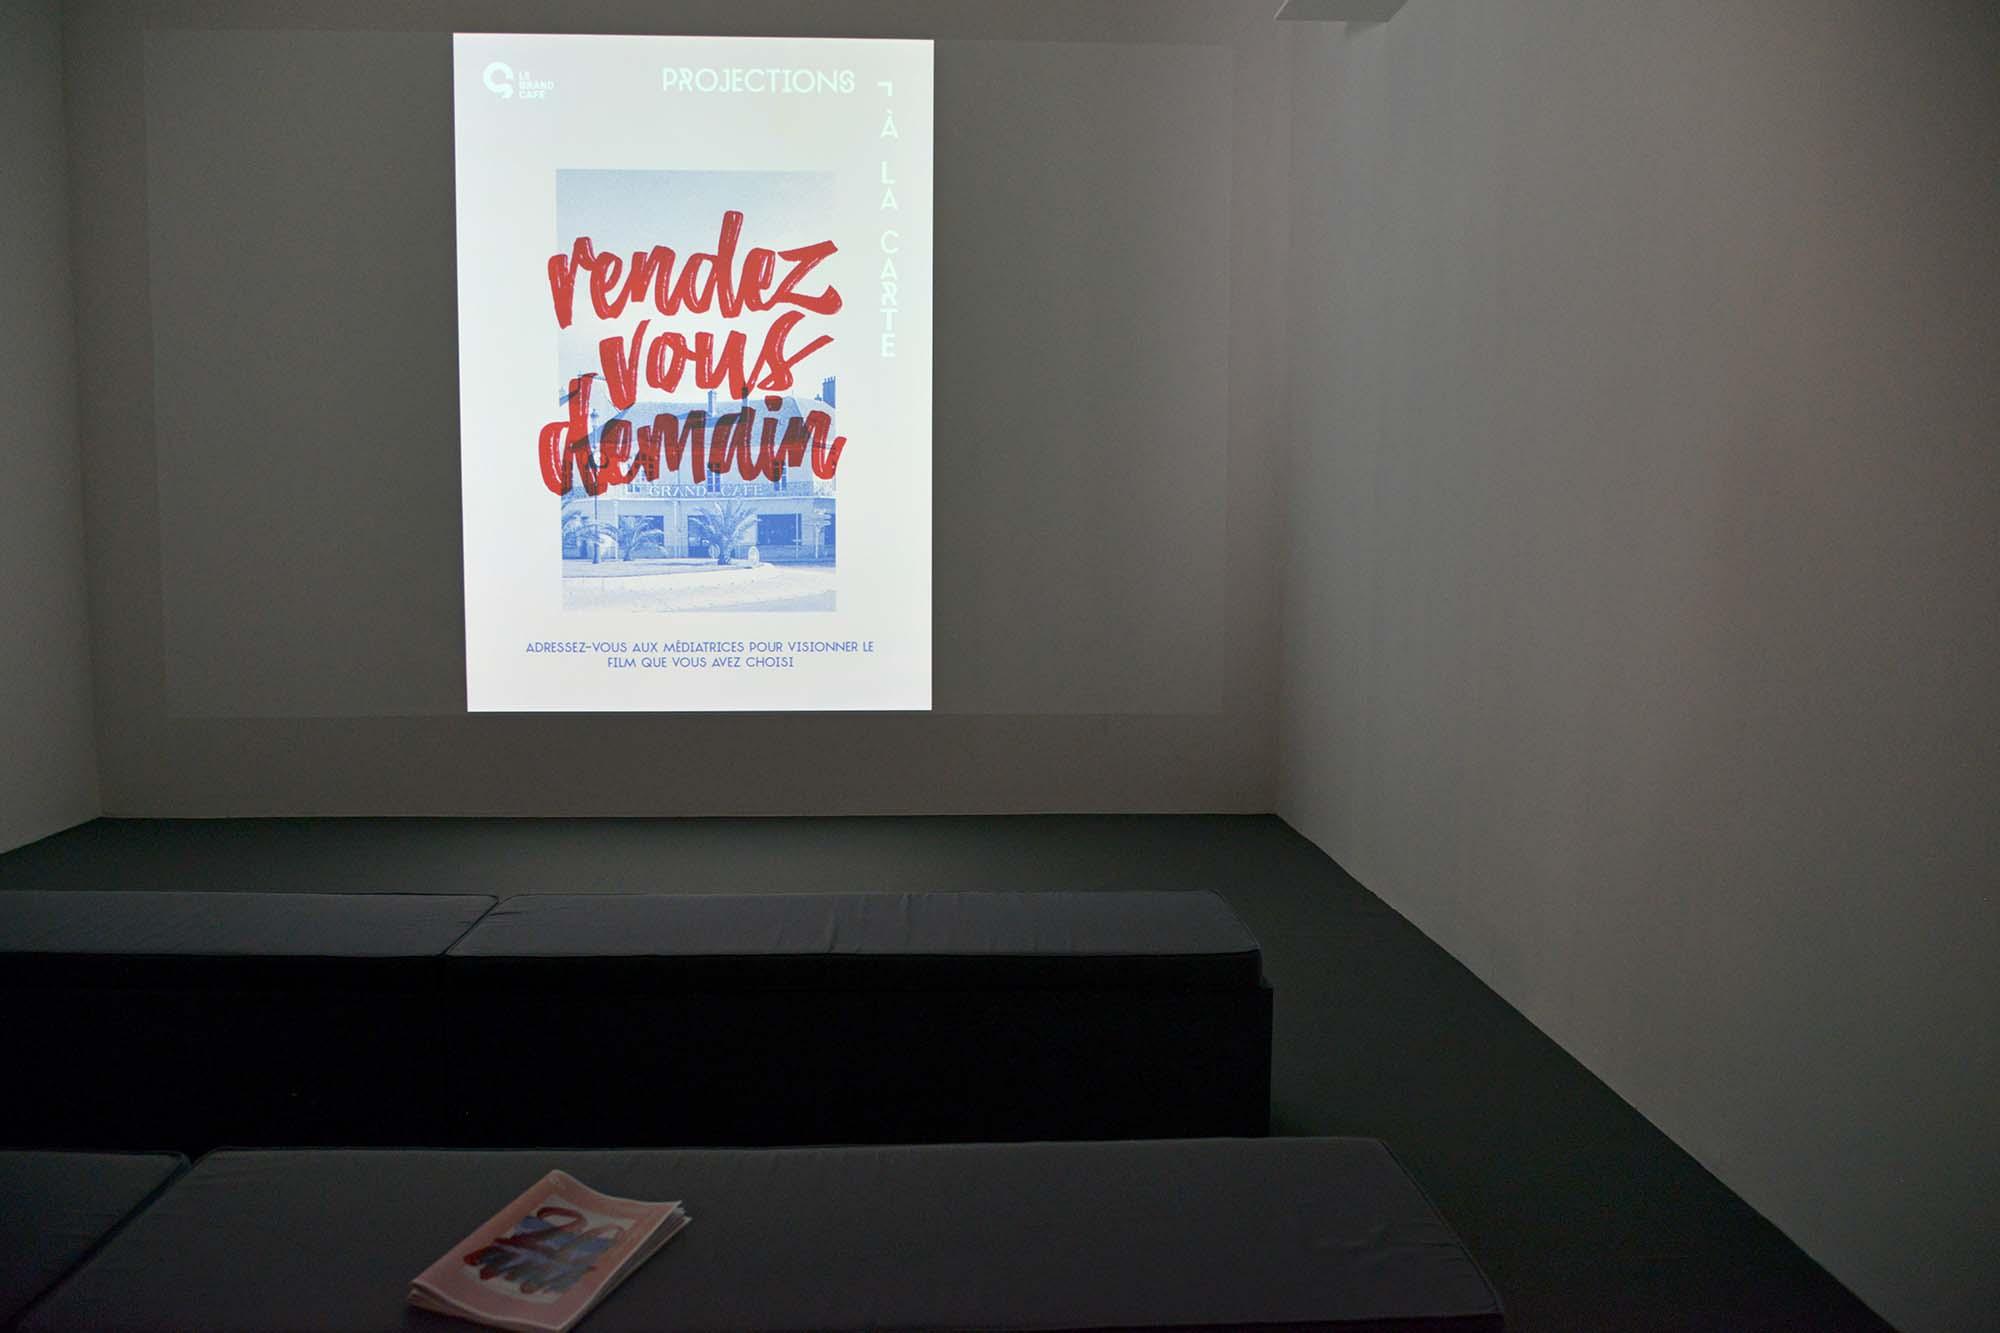 """Retour sur 20 ans de programmation au Grand Café avec l'exposition """"Rendez-vous demain"""" (©Ville de Saint-Nazaire - Martin Launay)"""